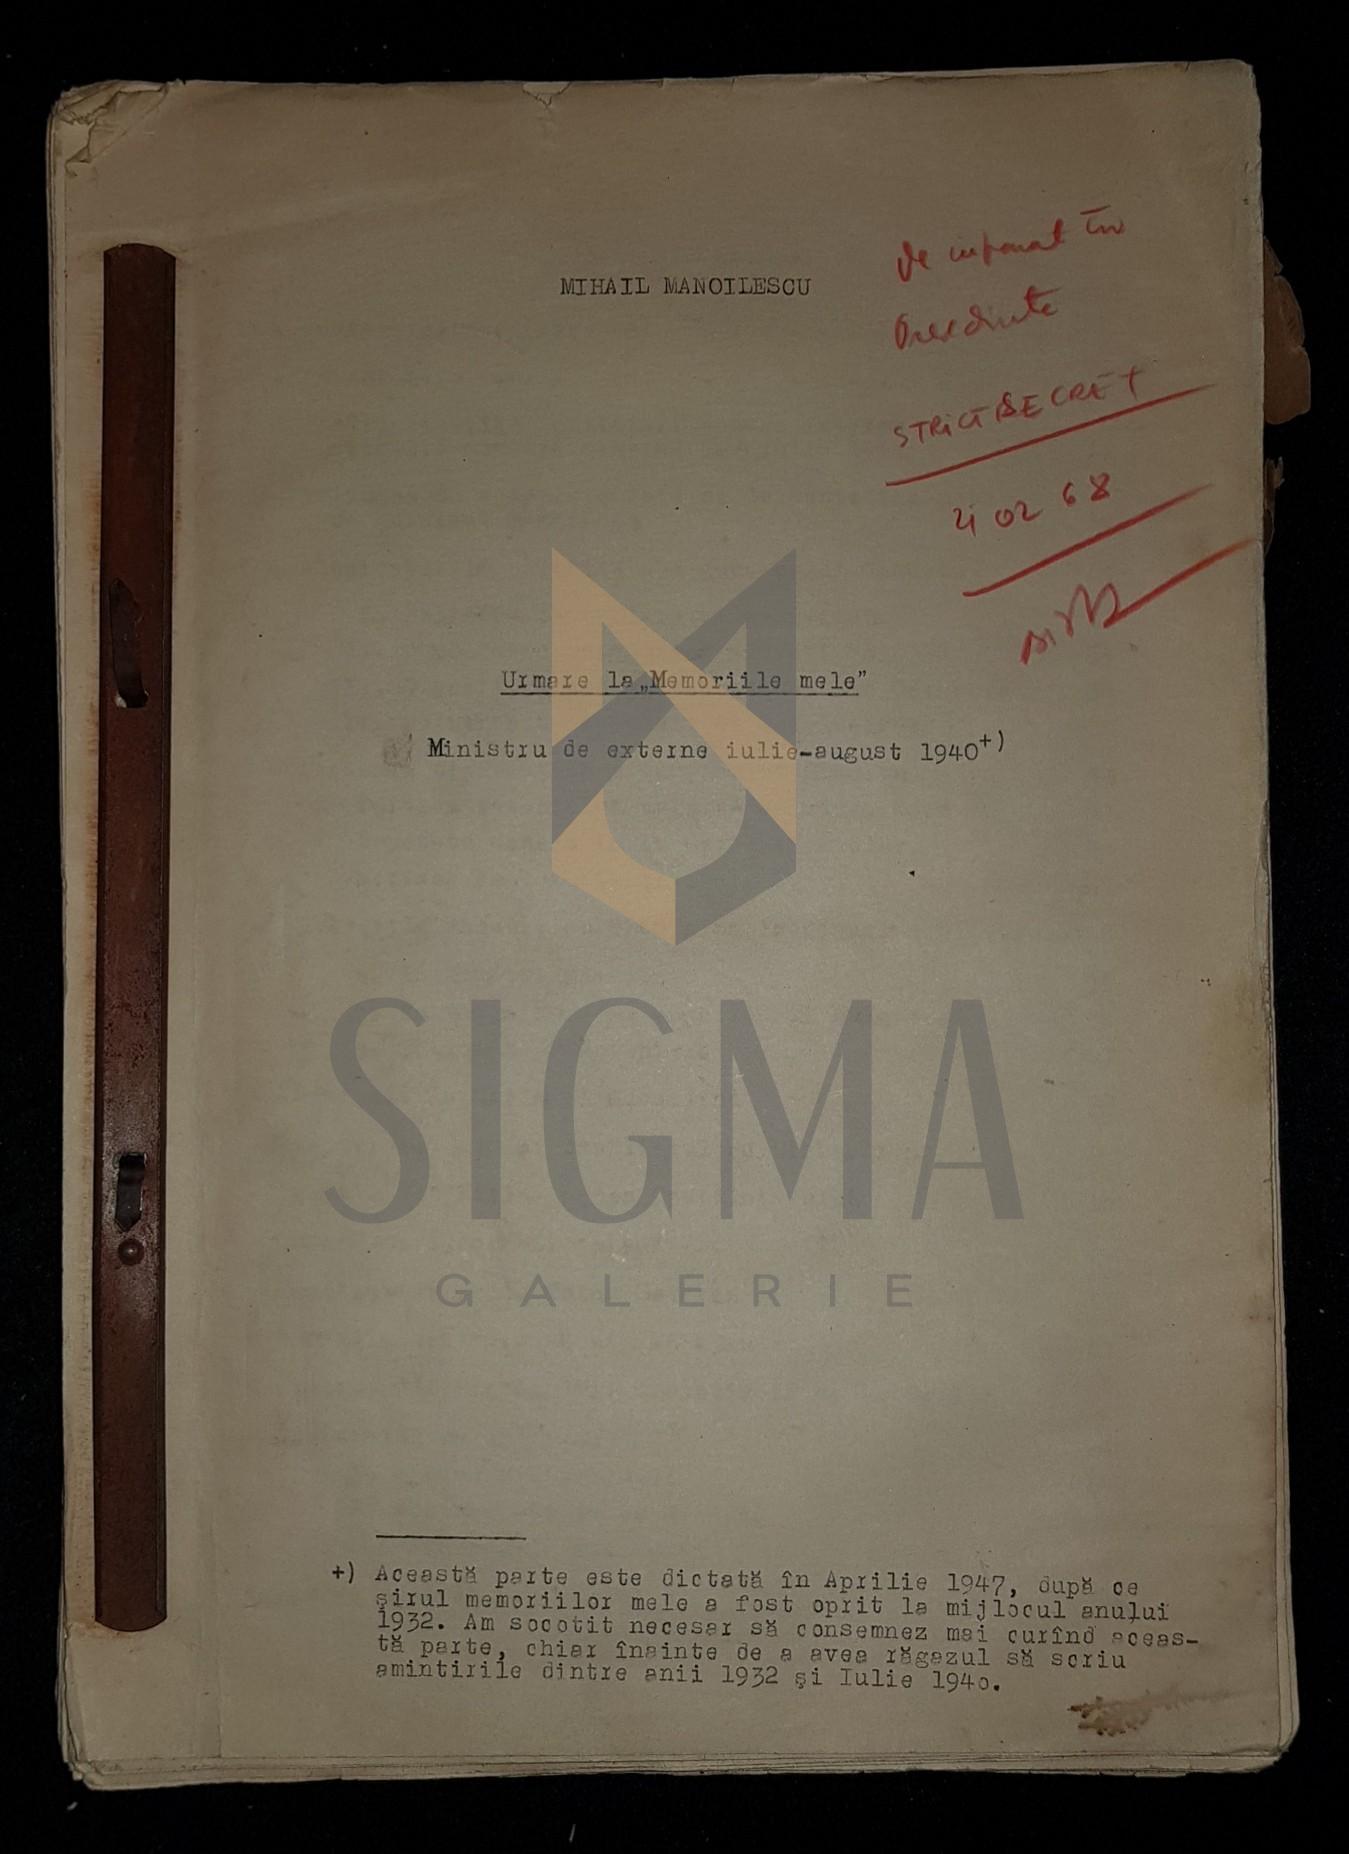 """MANUSCRIS DACTILOGRAFIAT """"STRICT SECRET"""" la LUCRAREA URMARE LA """"MEMORIILE MELE"""", 1947"""